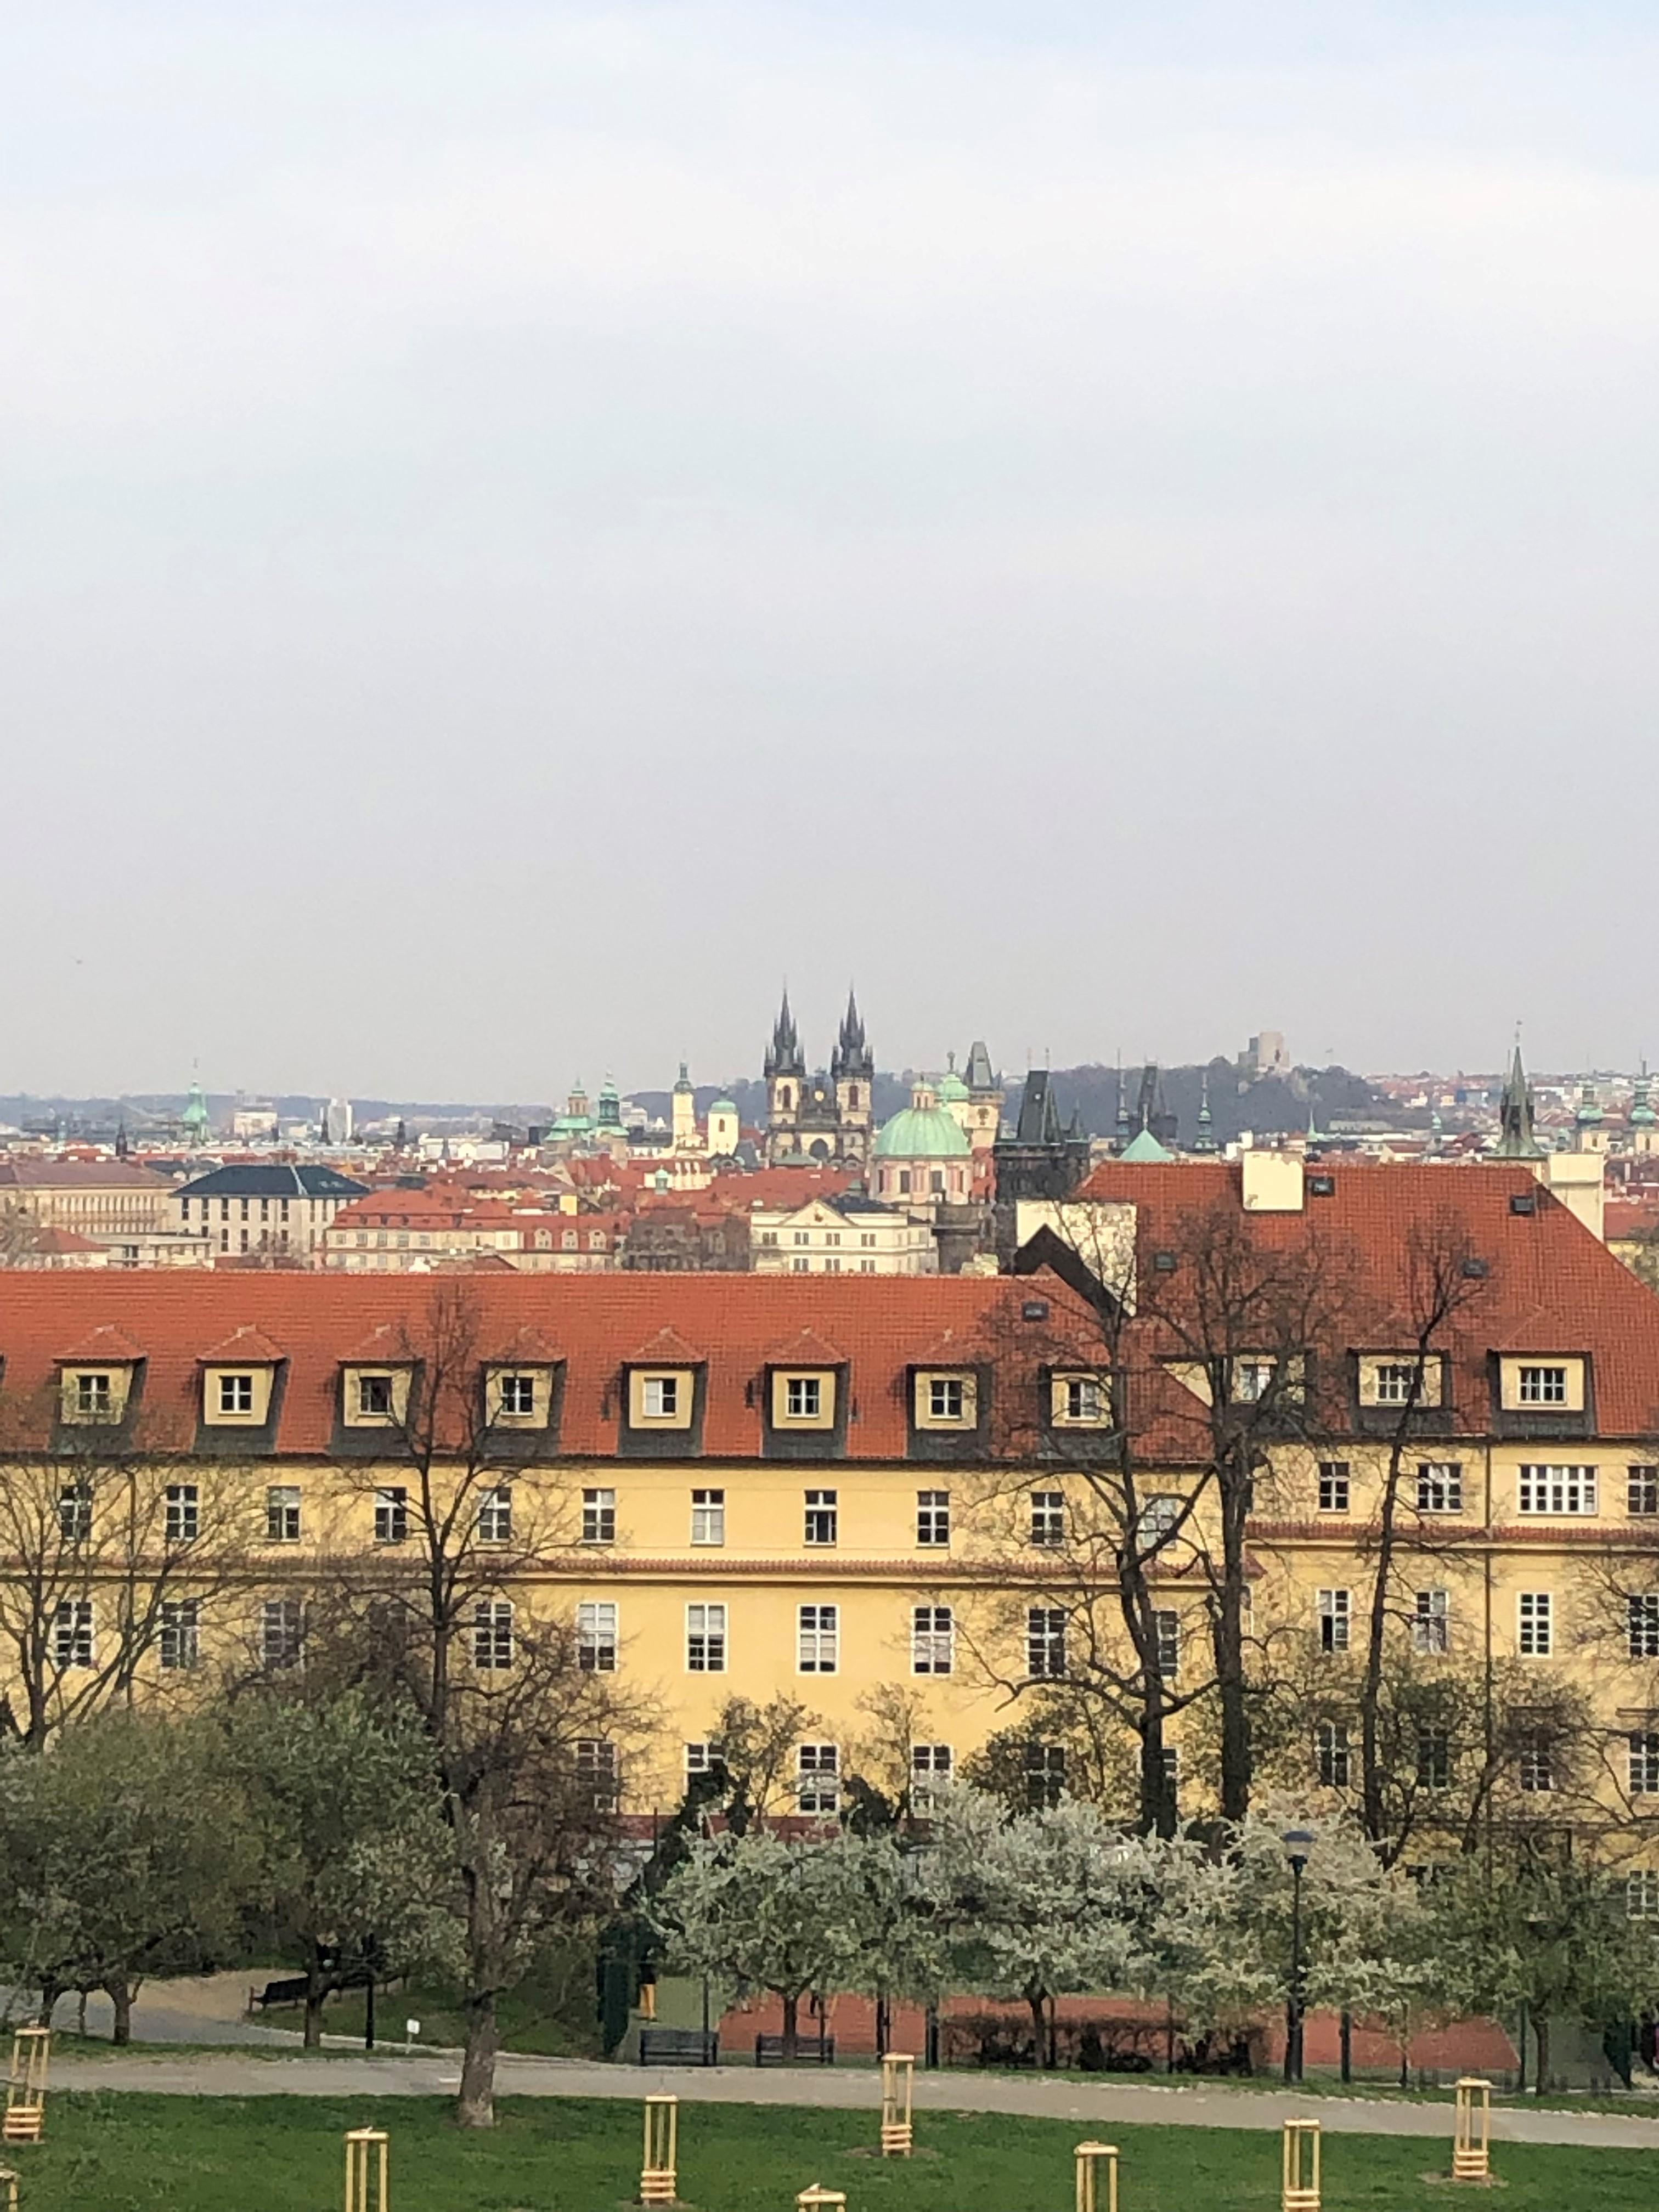 Überlebenstipps für Prag